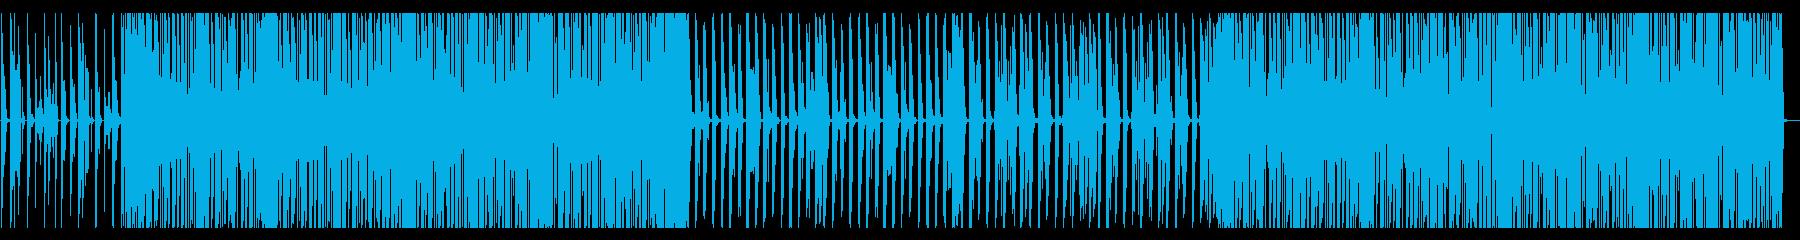 賑やかなディスコの再生済みの波形